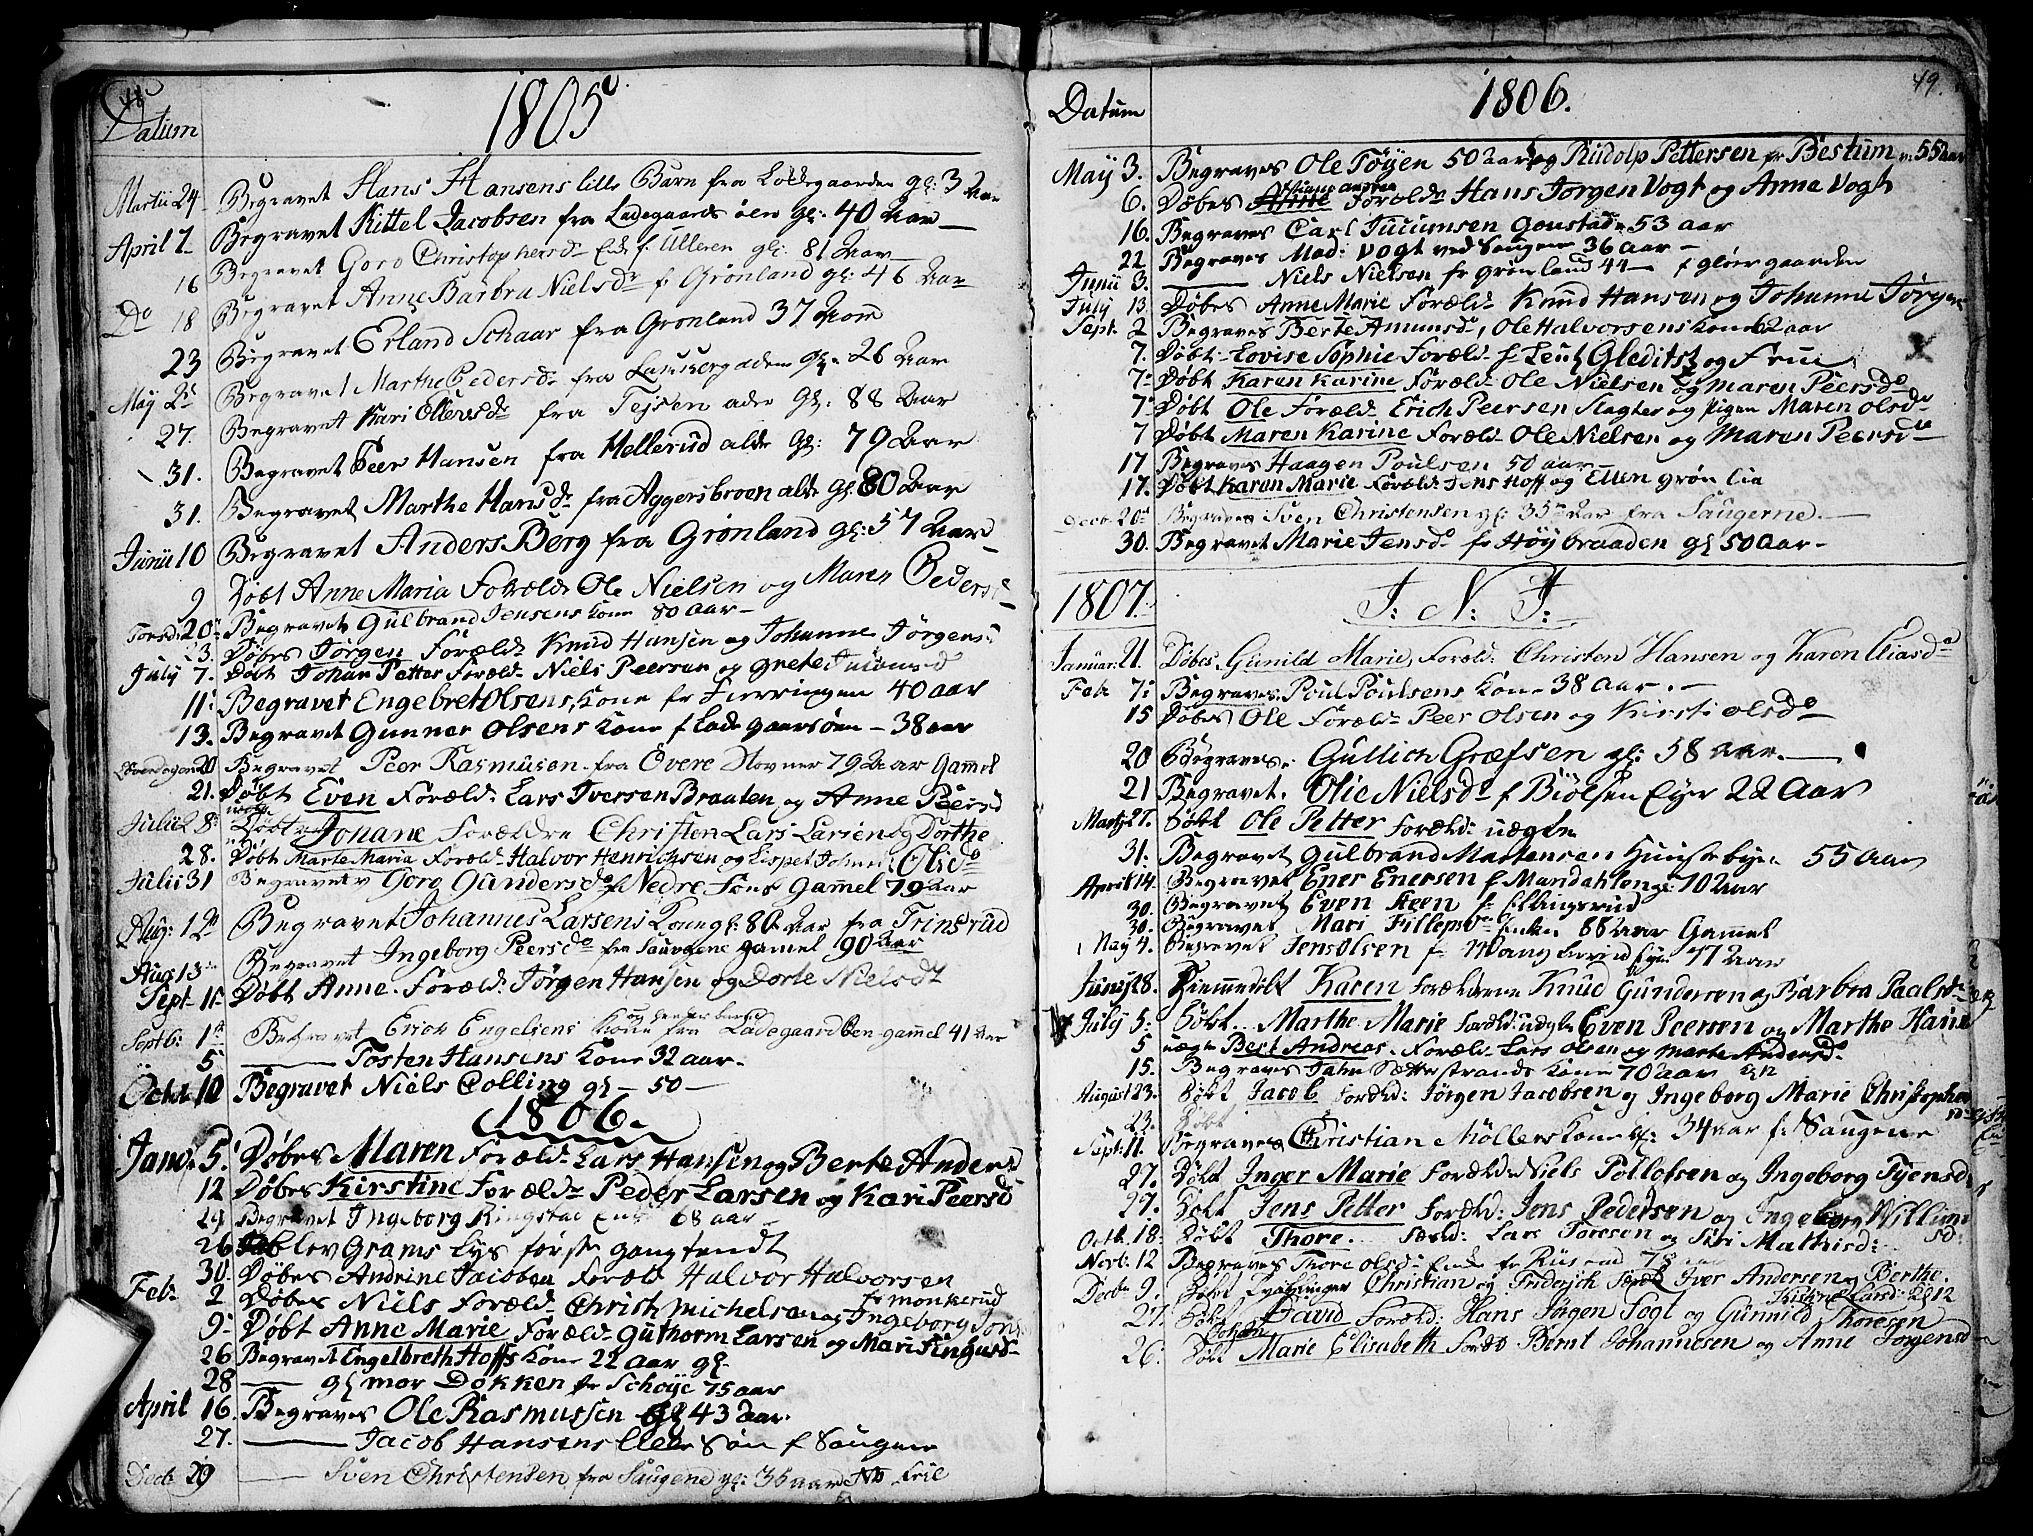 SAO, Aker prestekontor kirkebøker, G/L0001: Klokkerbok nr. 1, 1796-1826, s. 48-49